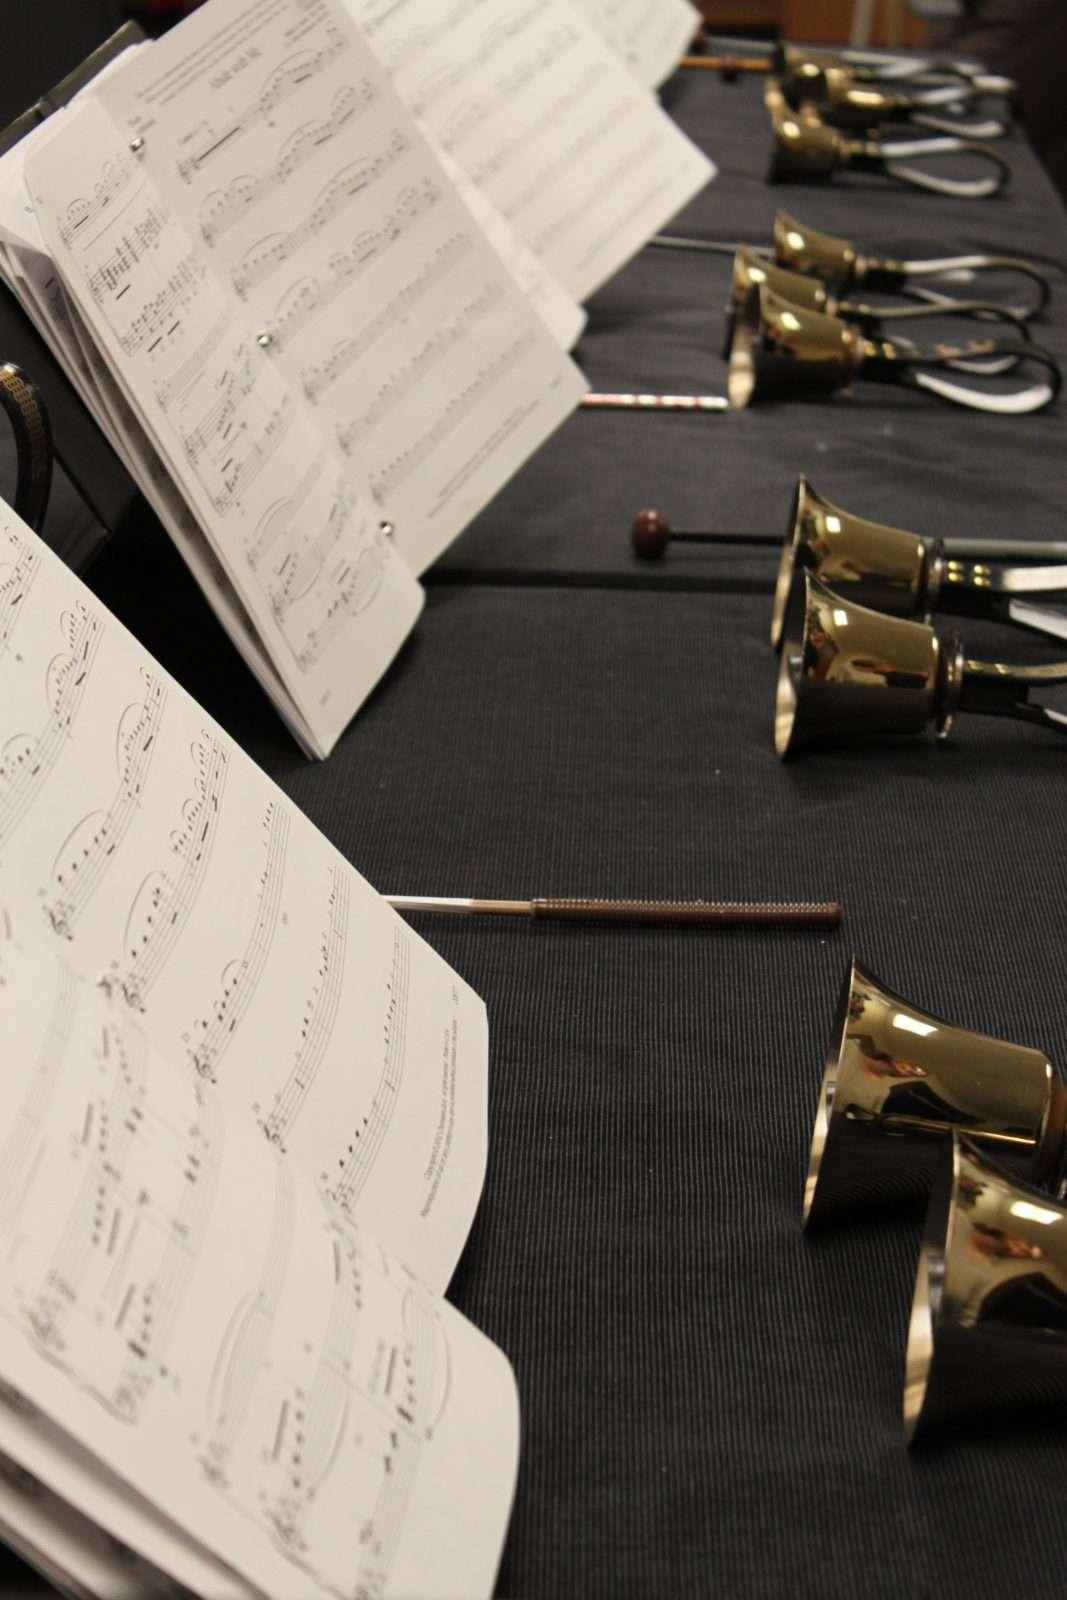 Festival Choir on Unity Sunday & Choir News